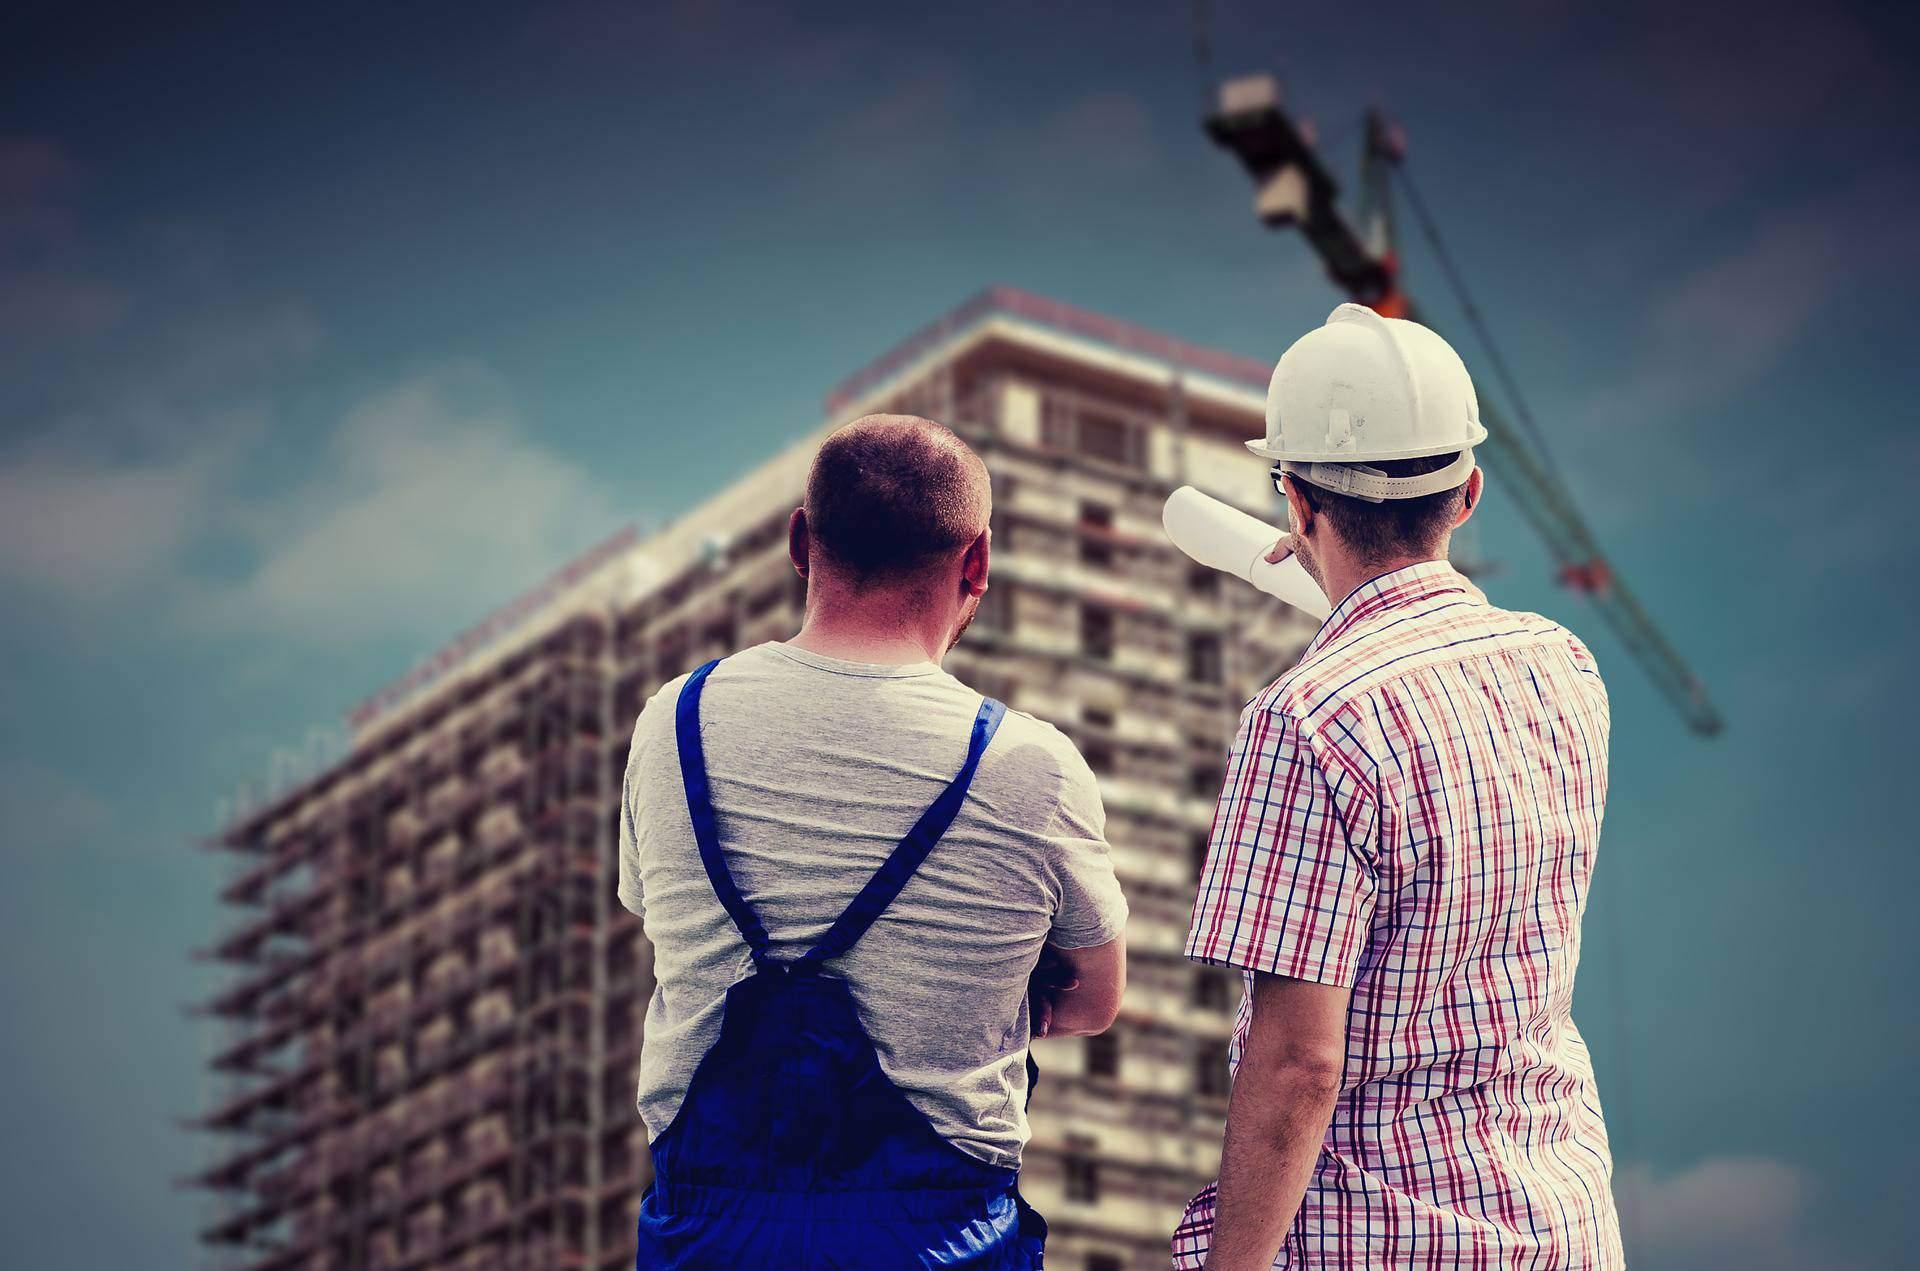 Zwei Bauarbeiter beobachten ein Gebäude, das gerade gebaut wird